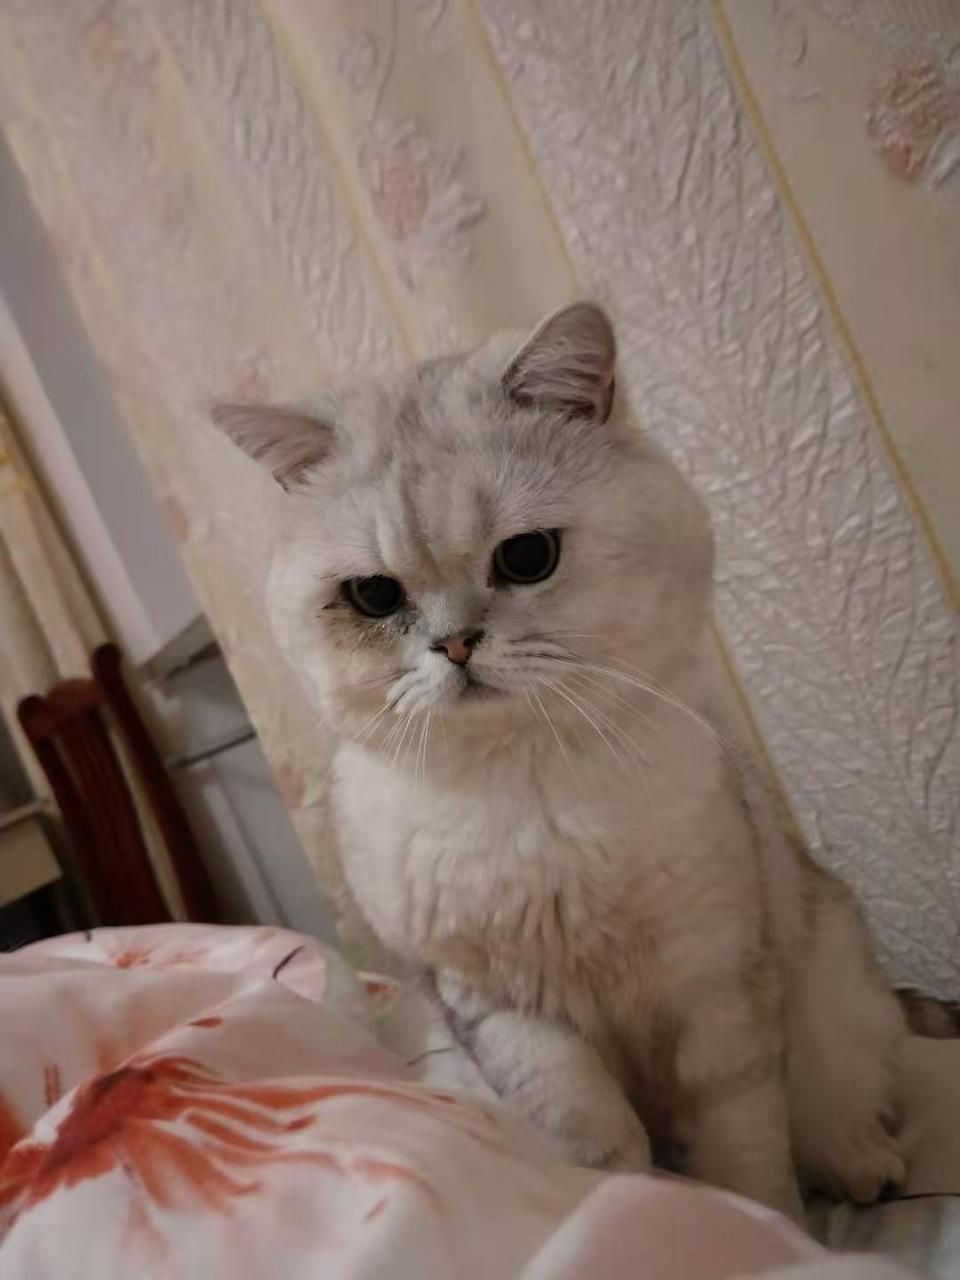 寵物貓出售,性格溫順不撓人